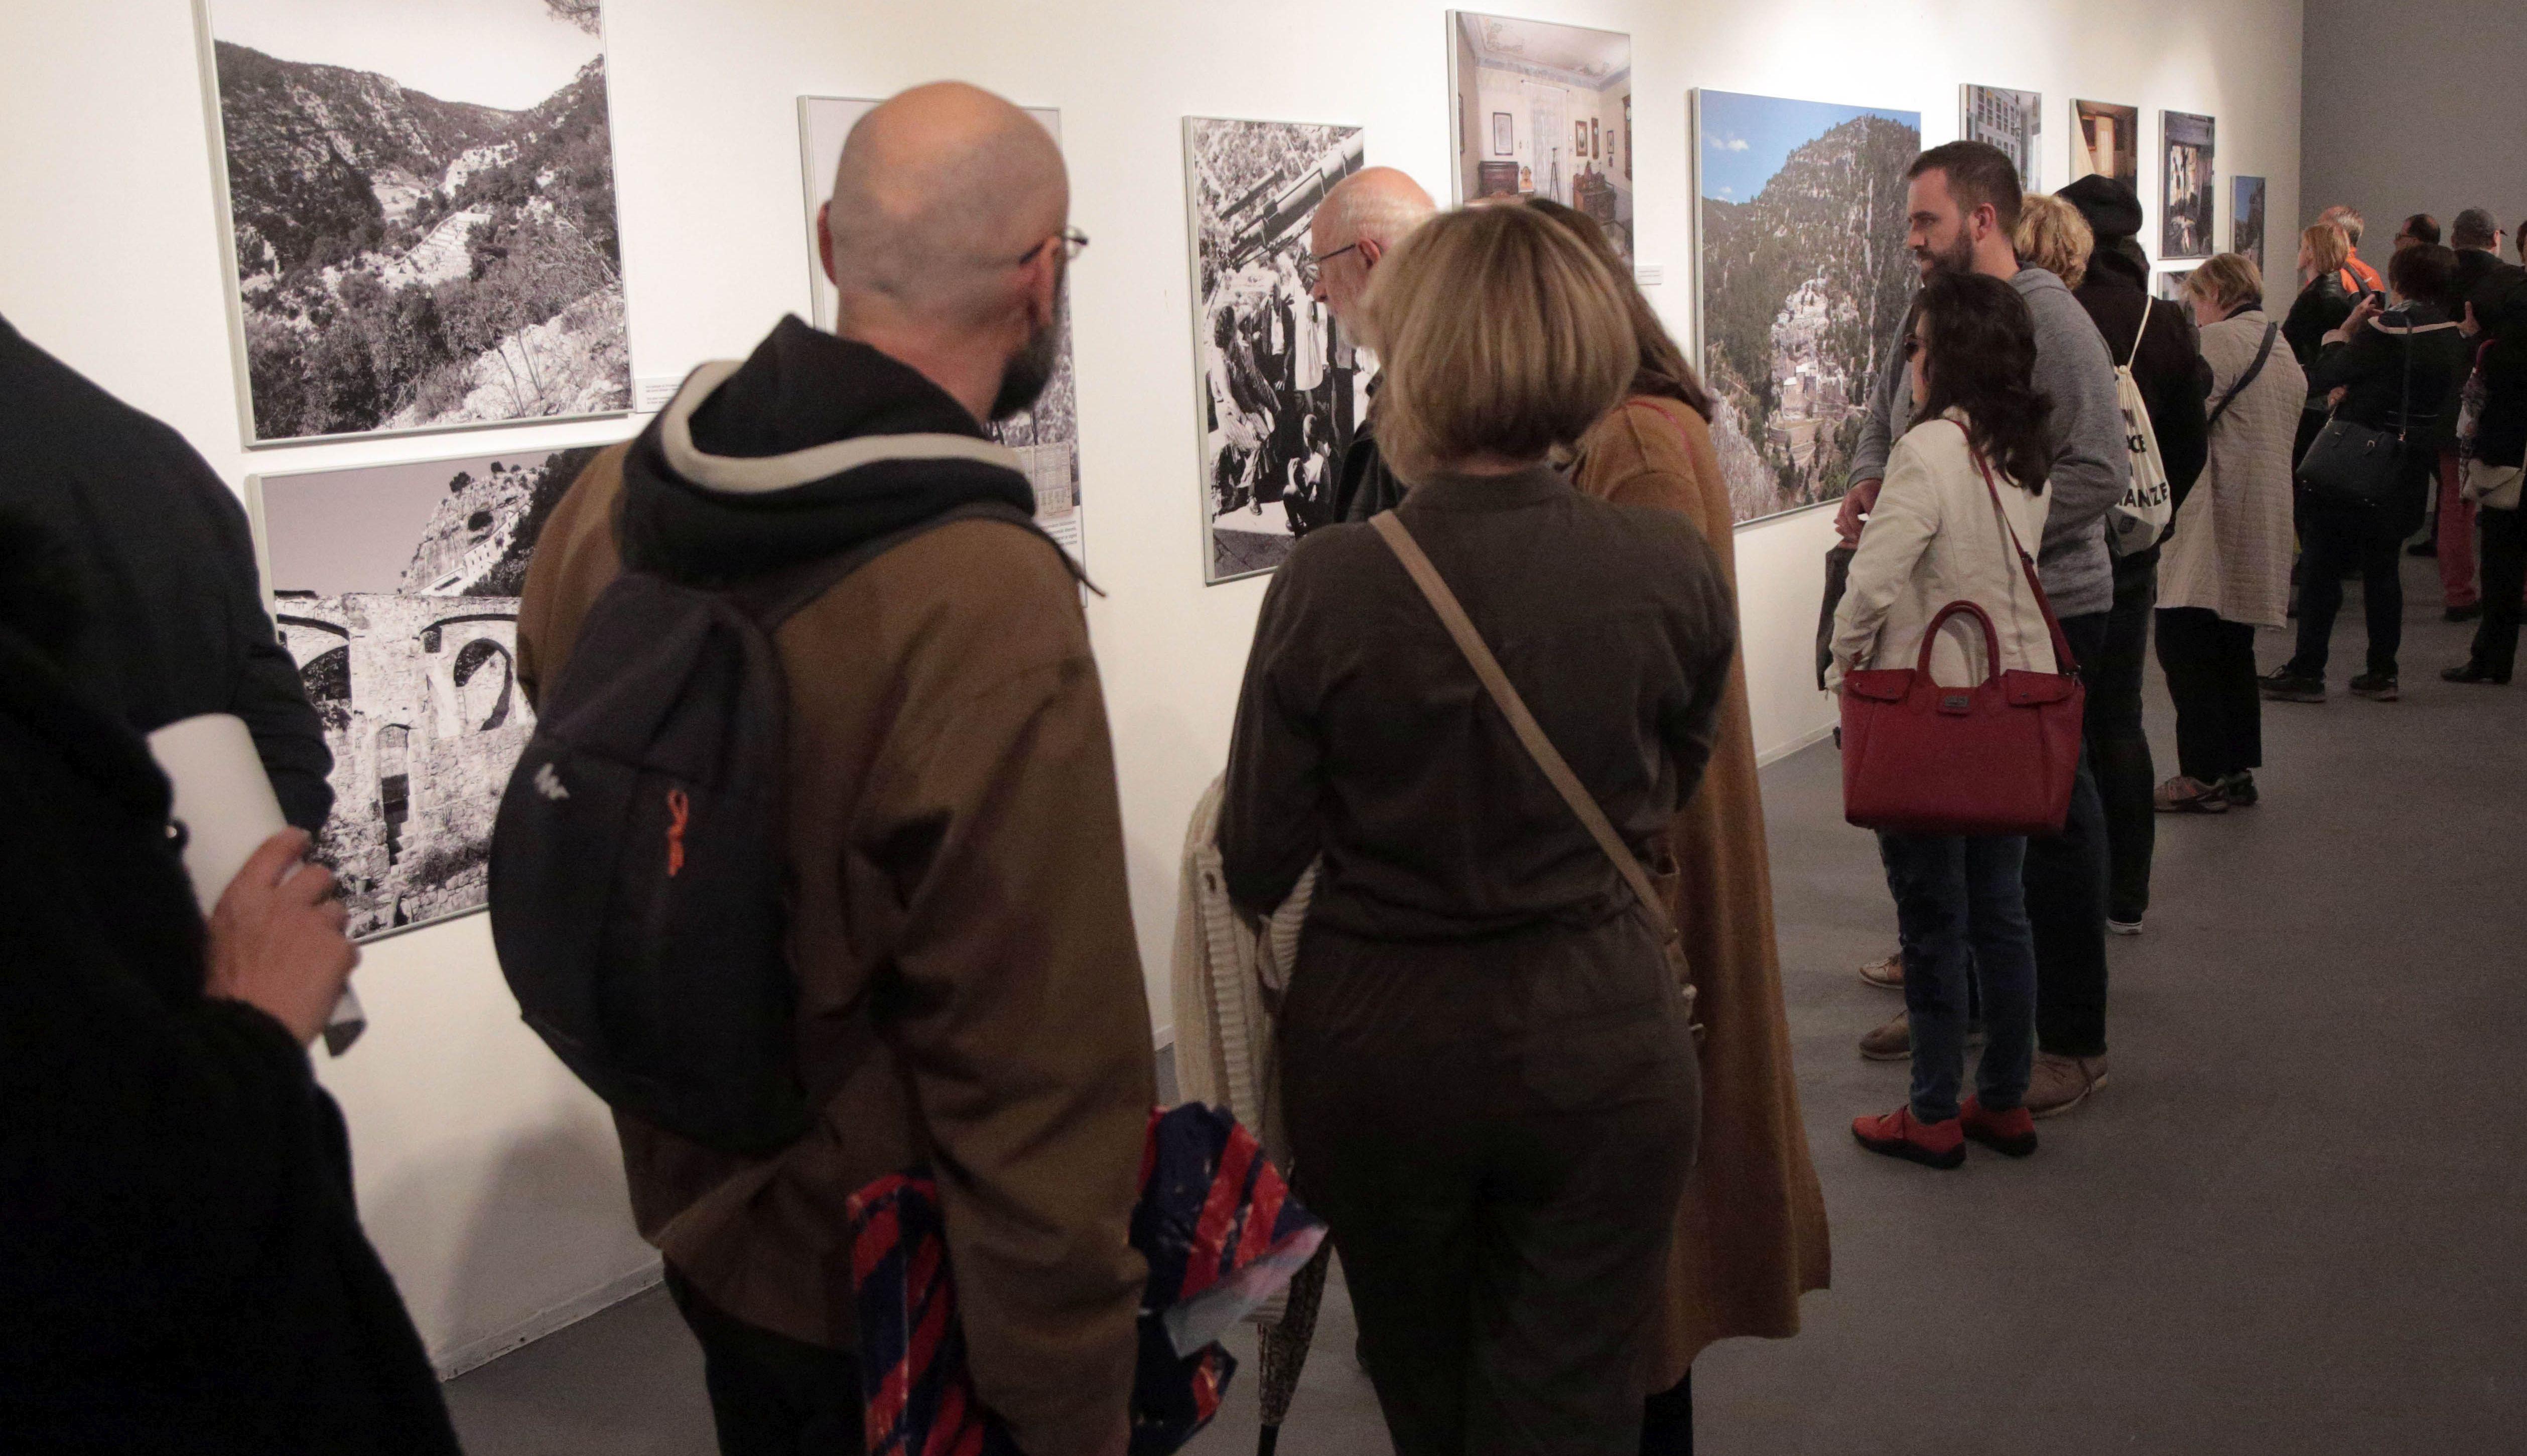 Otvorenjem izložbe u Gliptoteci HAZU svečano počeli Dani europske baštine 2017.